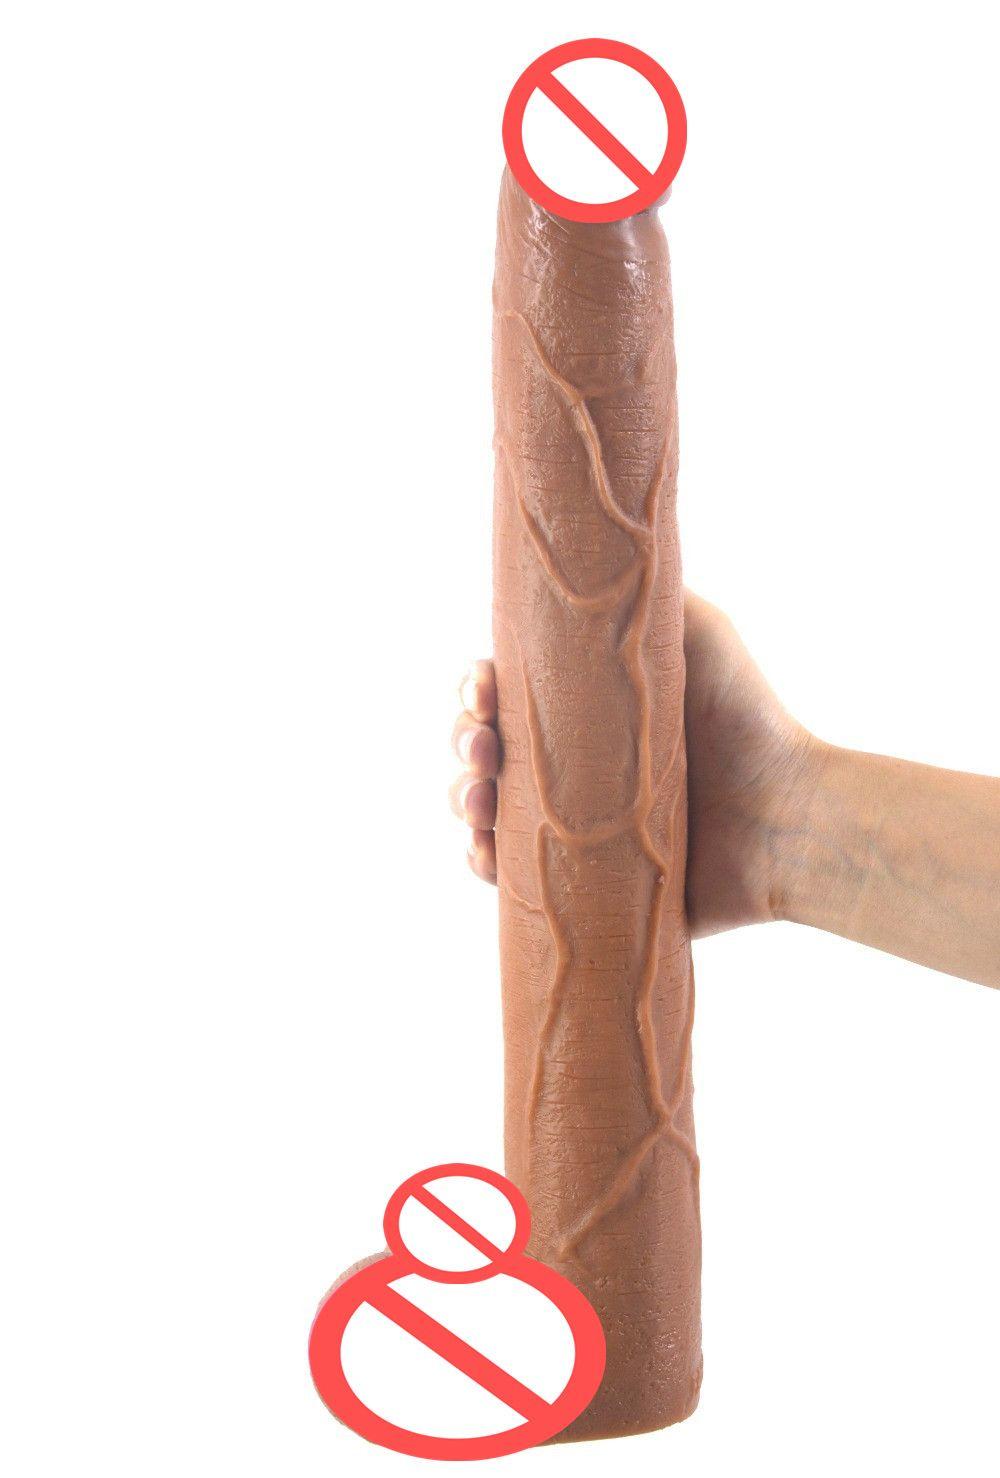 Lzyaa Brown Dildo Long Dildos Dildo 39 * 5.6cm Énommandes adultes Jouet Dong Dong réaliste pour Penis Grand Anal Sexuelstoys Femmes Érotique Grand Produit H WBPE